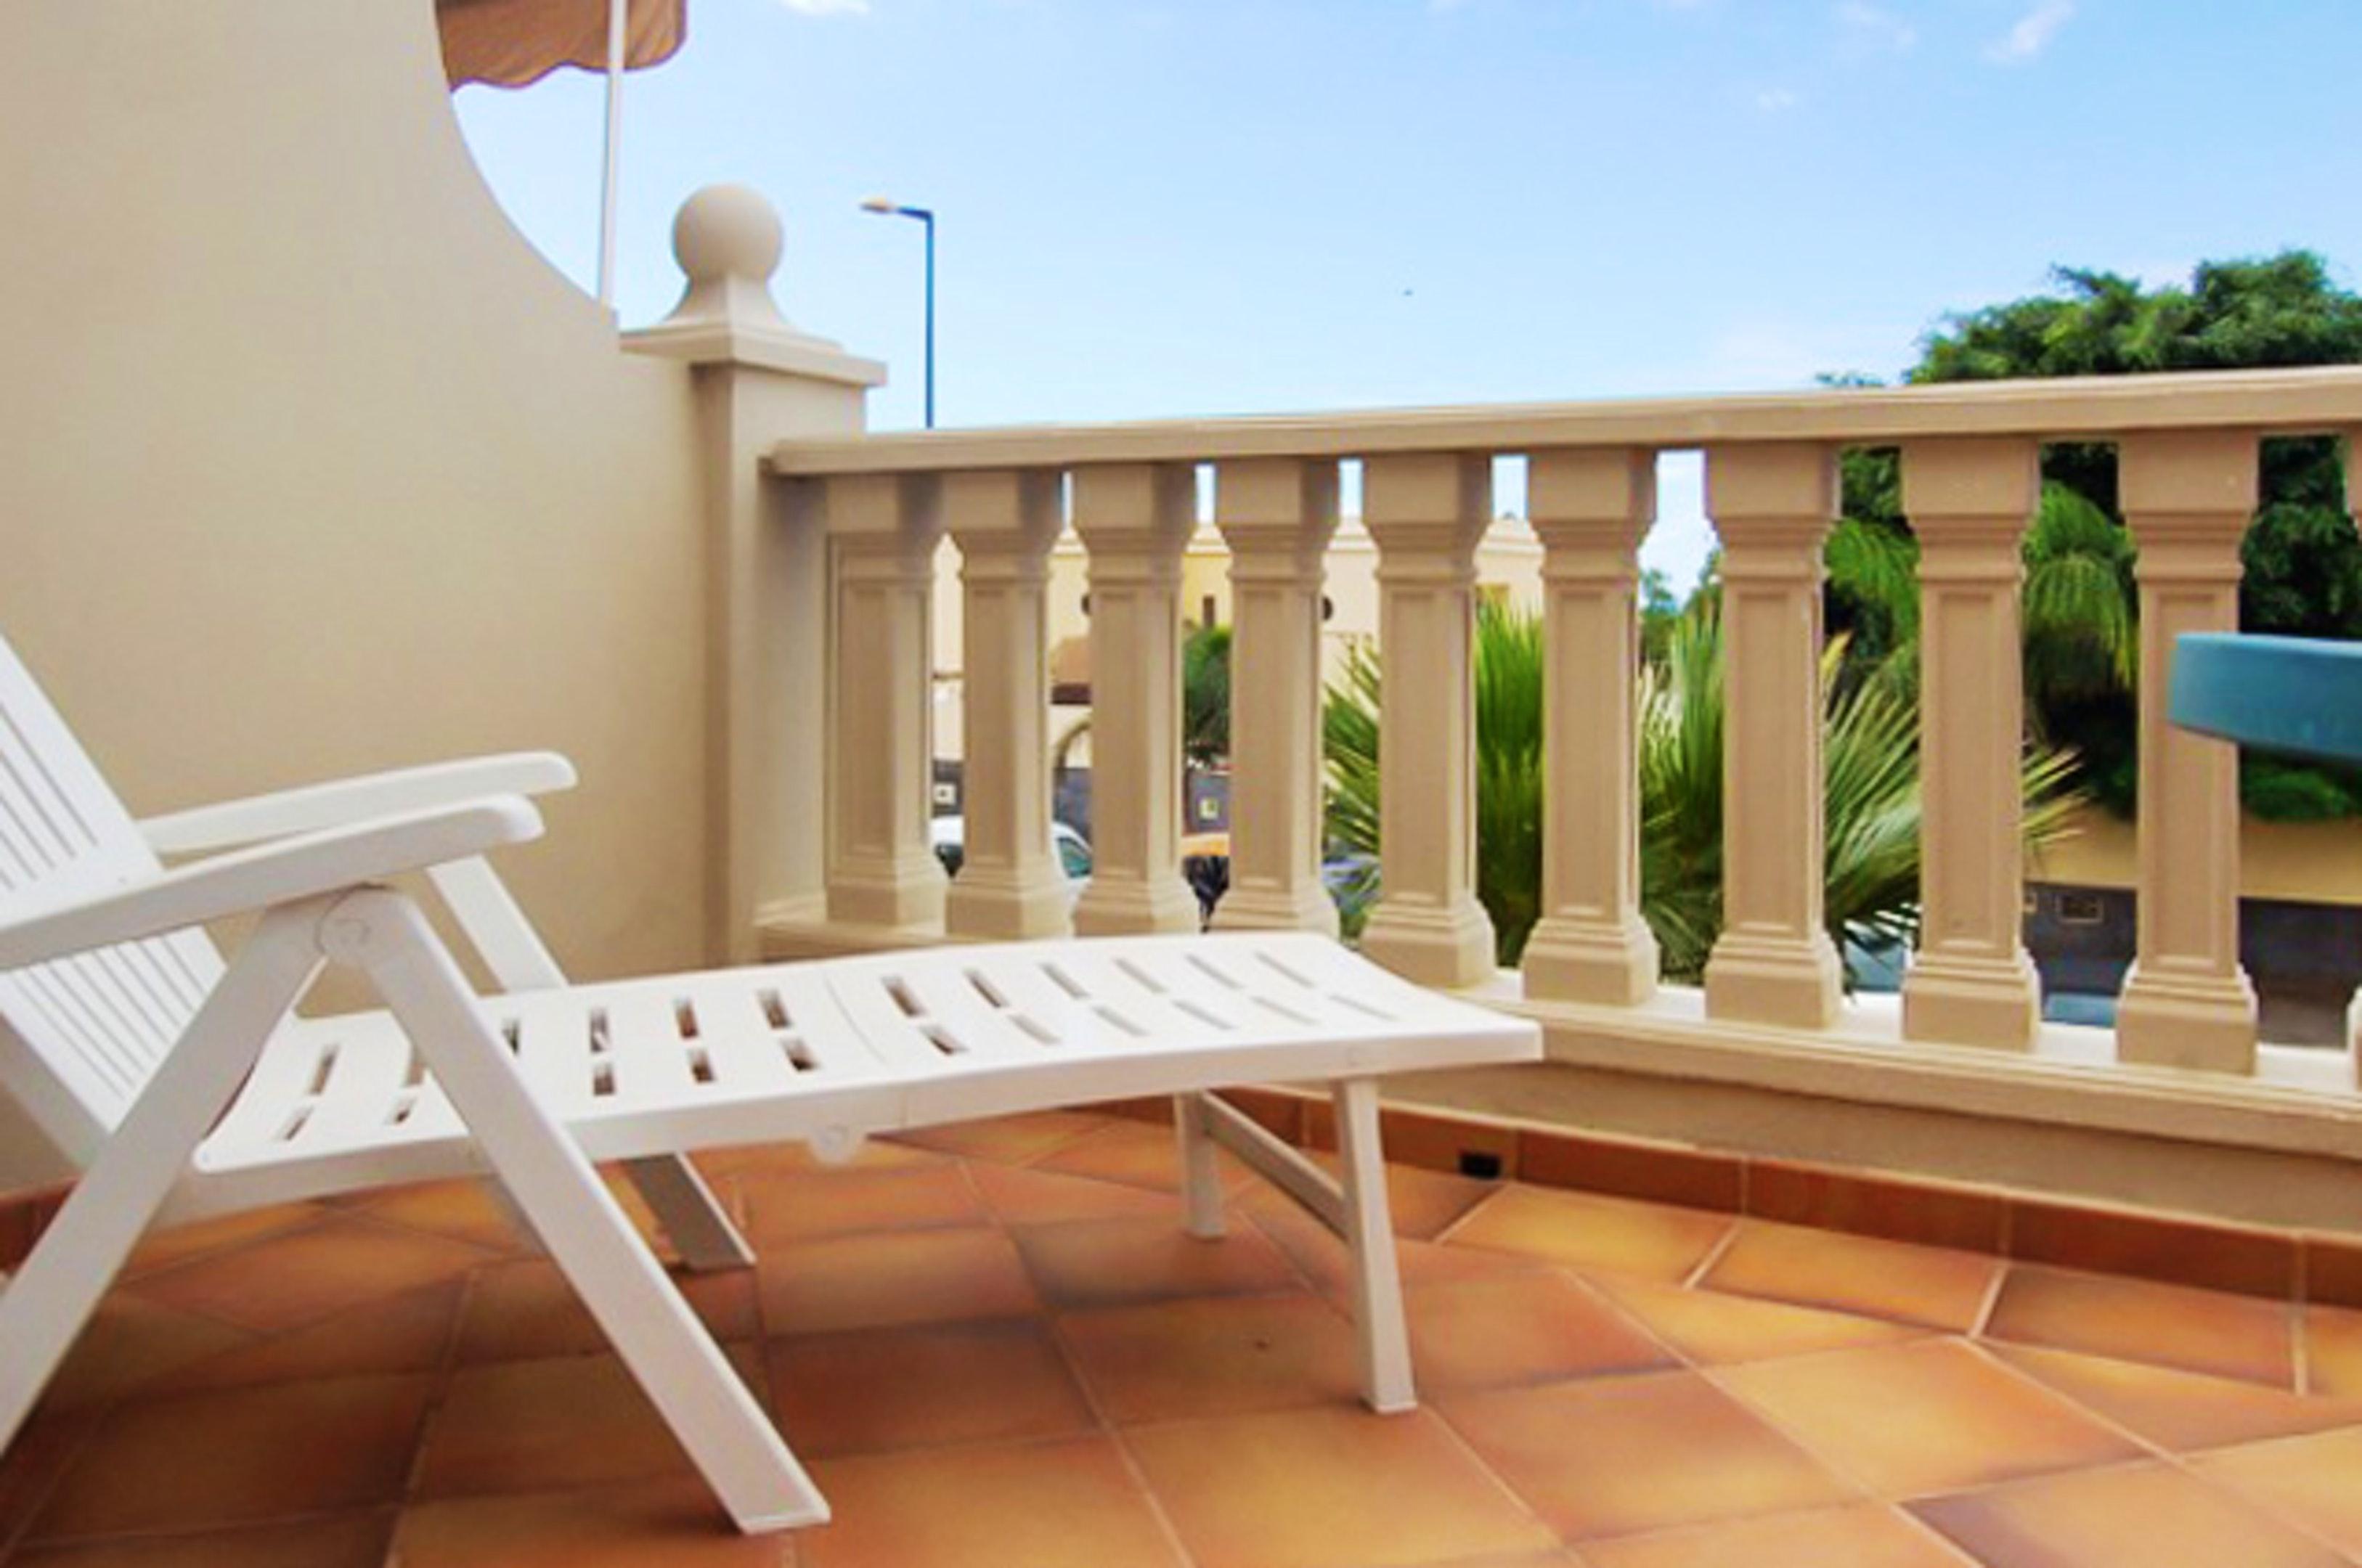 Appartement de vacances Wohnung mit 2 Schlafzimmern in Palm-Mar mit Pool, möblierter Terrasse und W-LAN - 800 m vo (2201692), Palm-Mar, Ténérife, Iles Canaries, Espagne, image 18